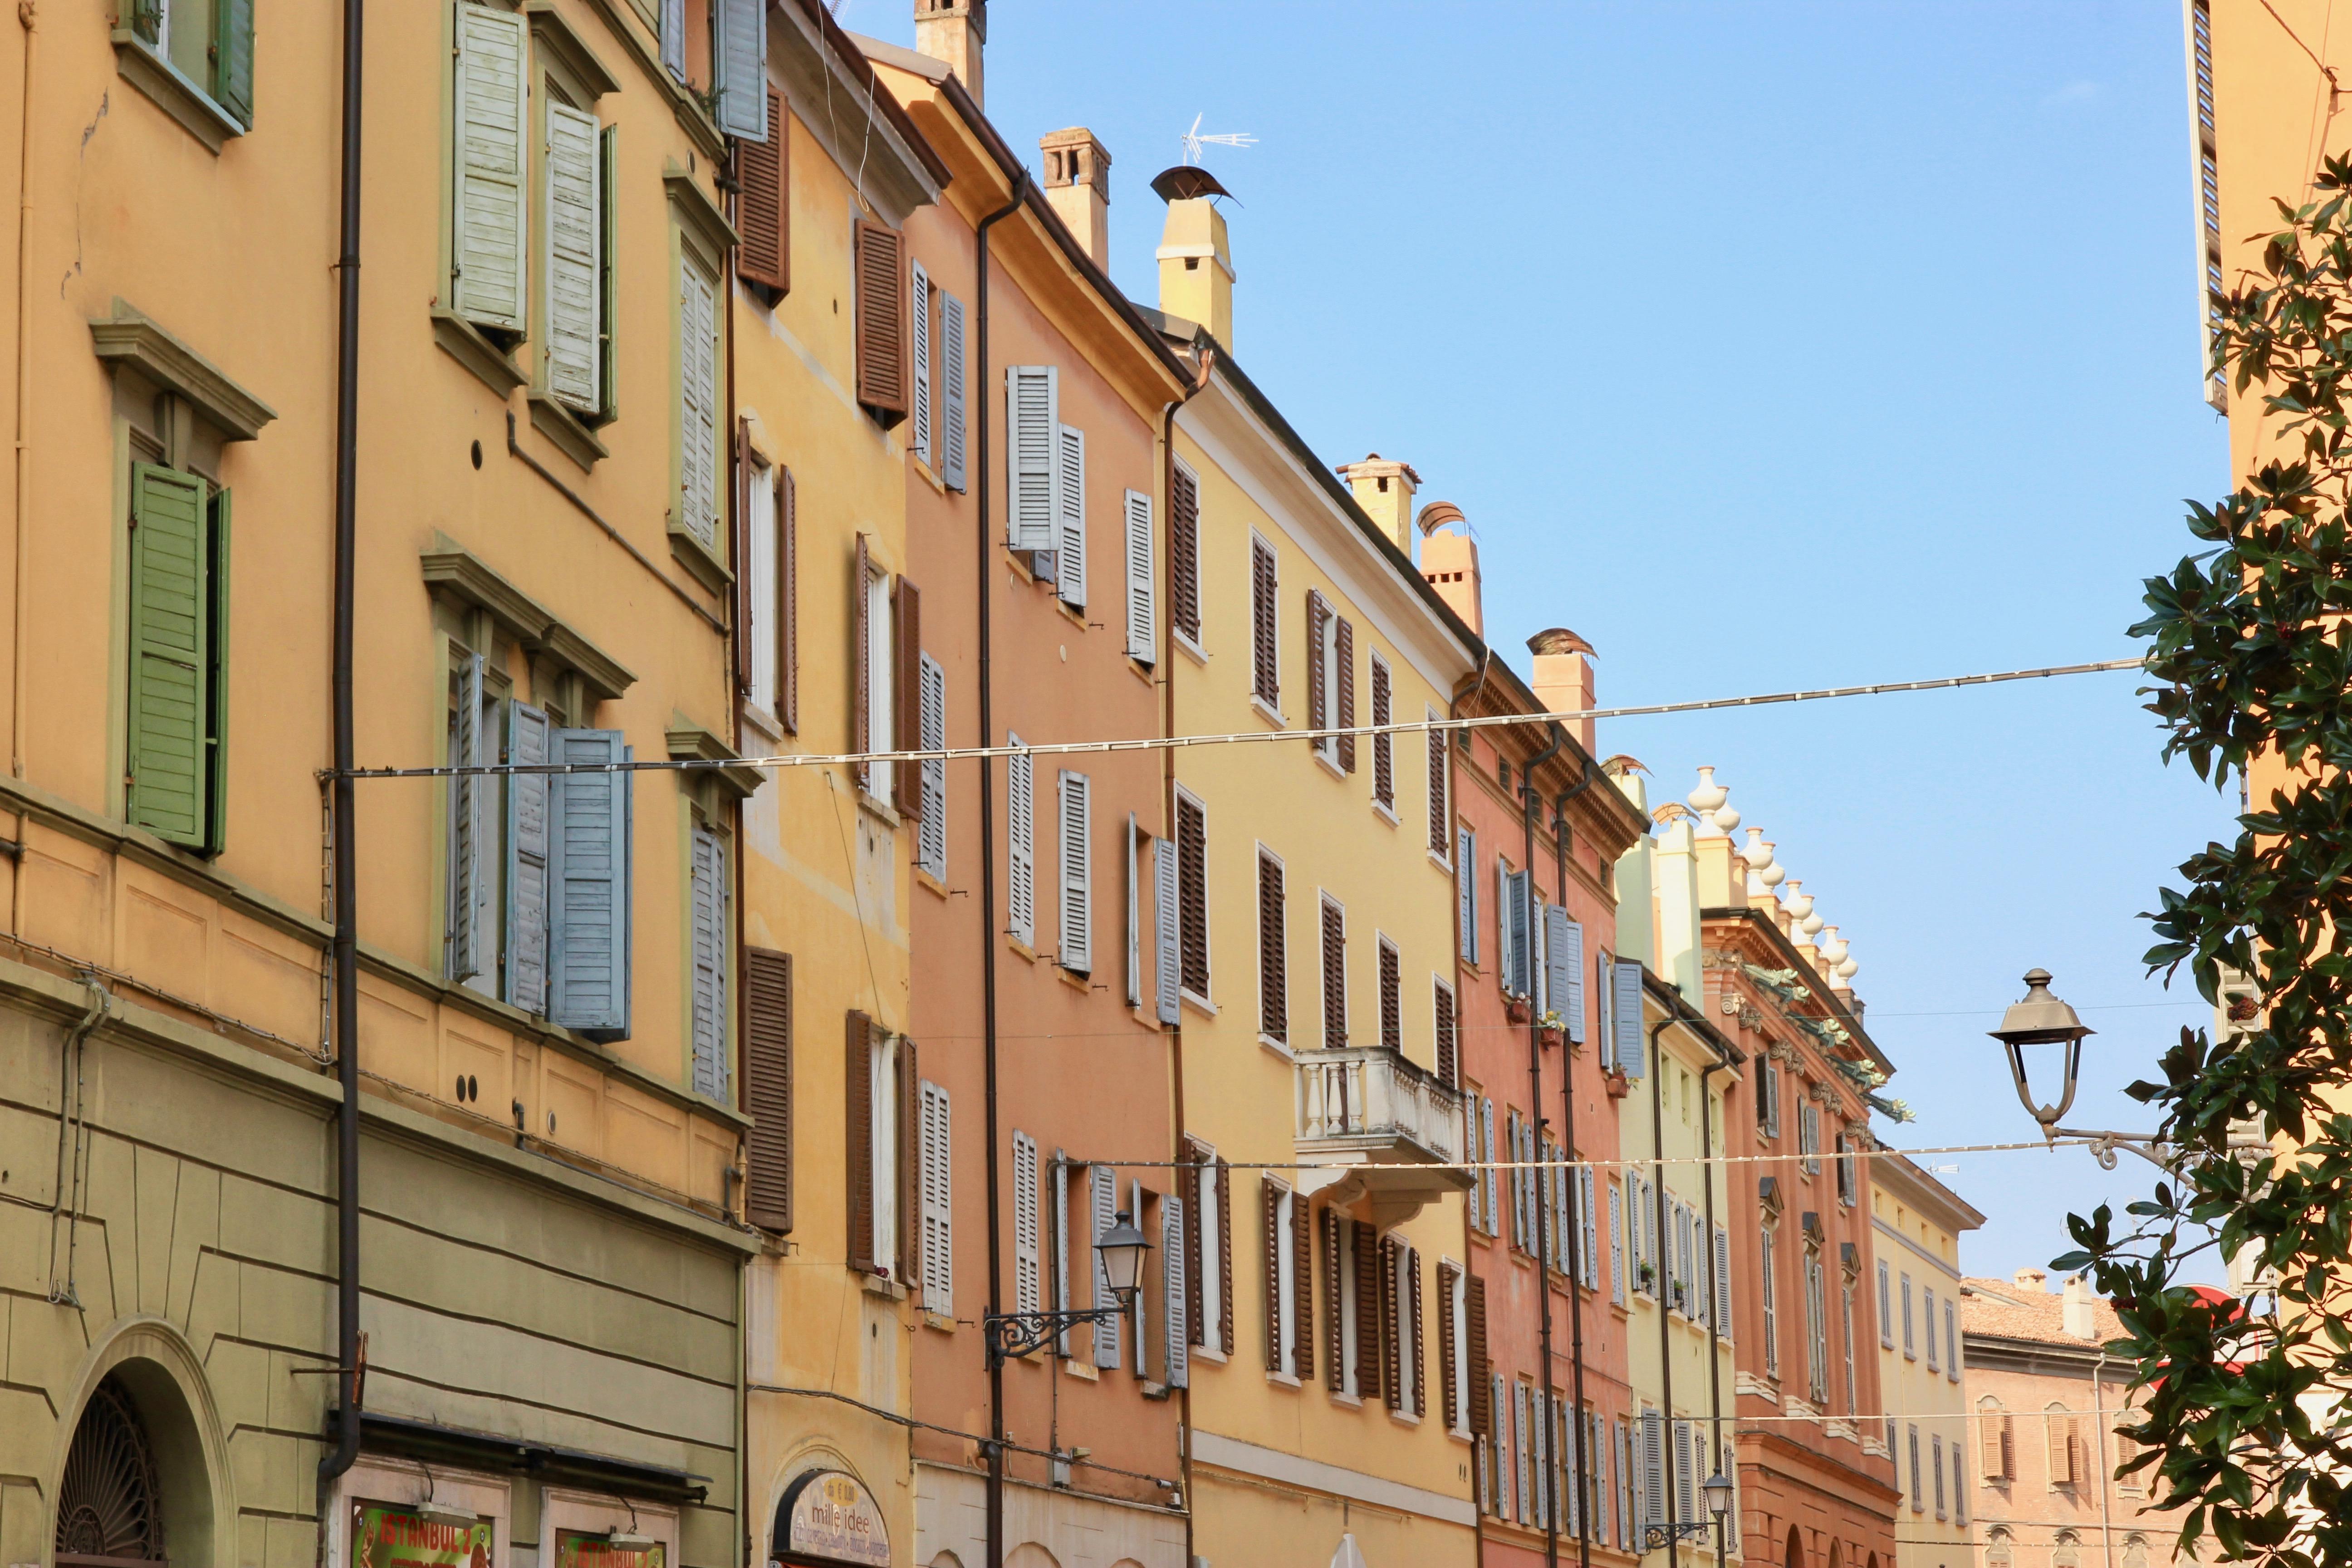 Via Emilia, centro di Modena